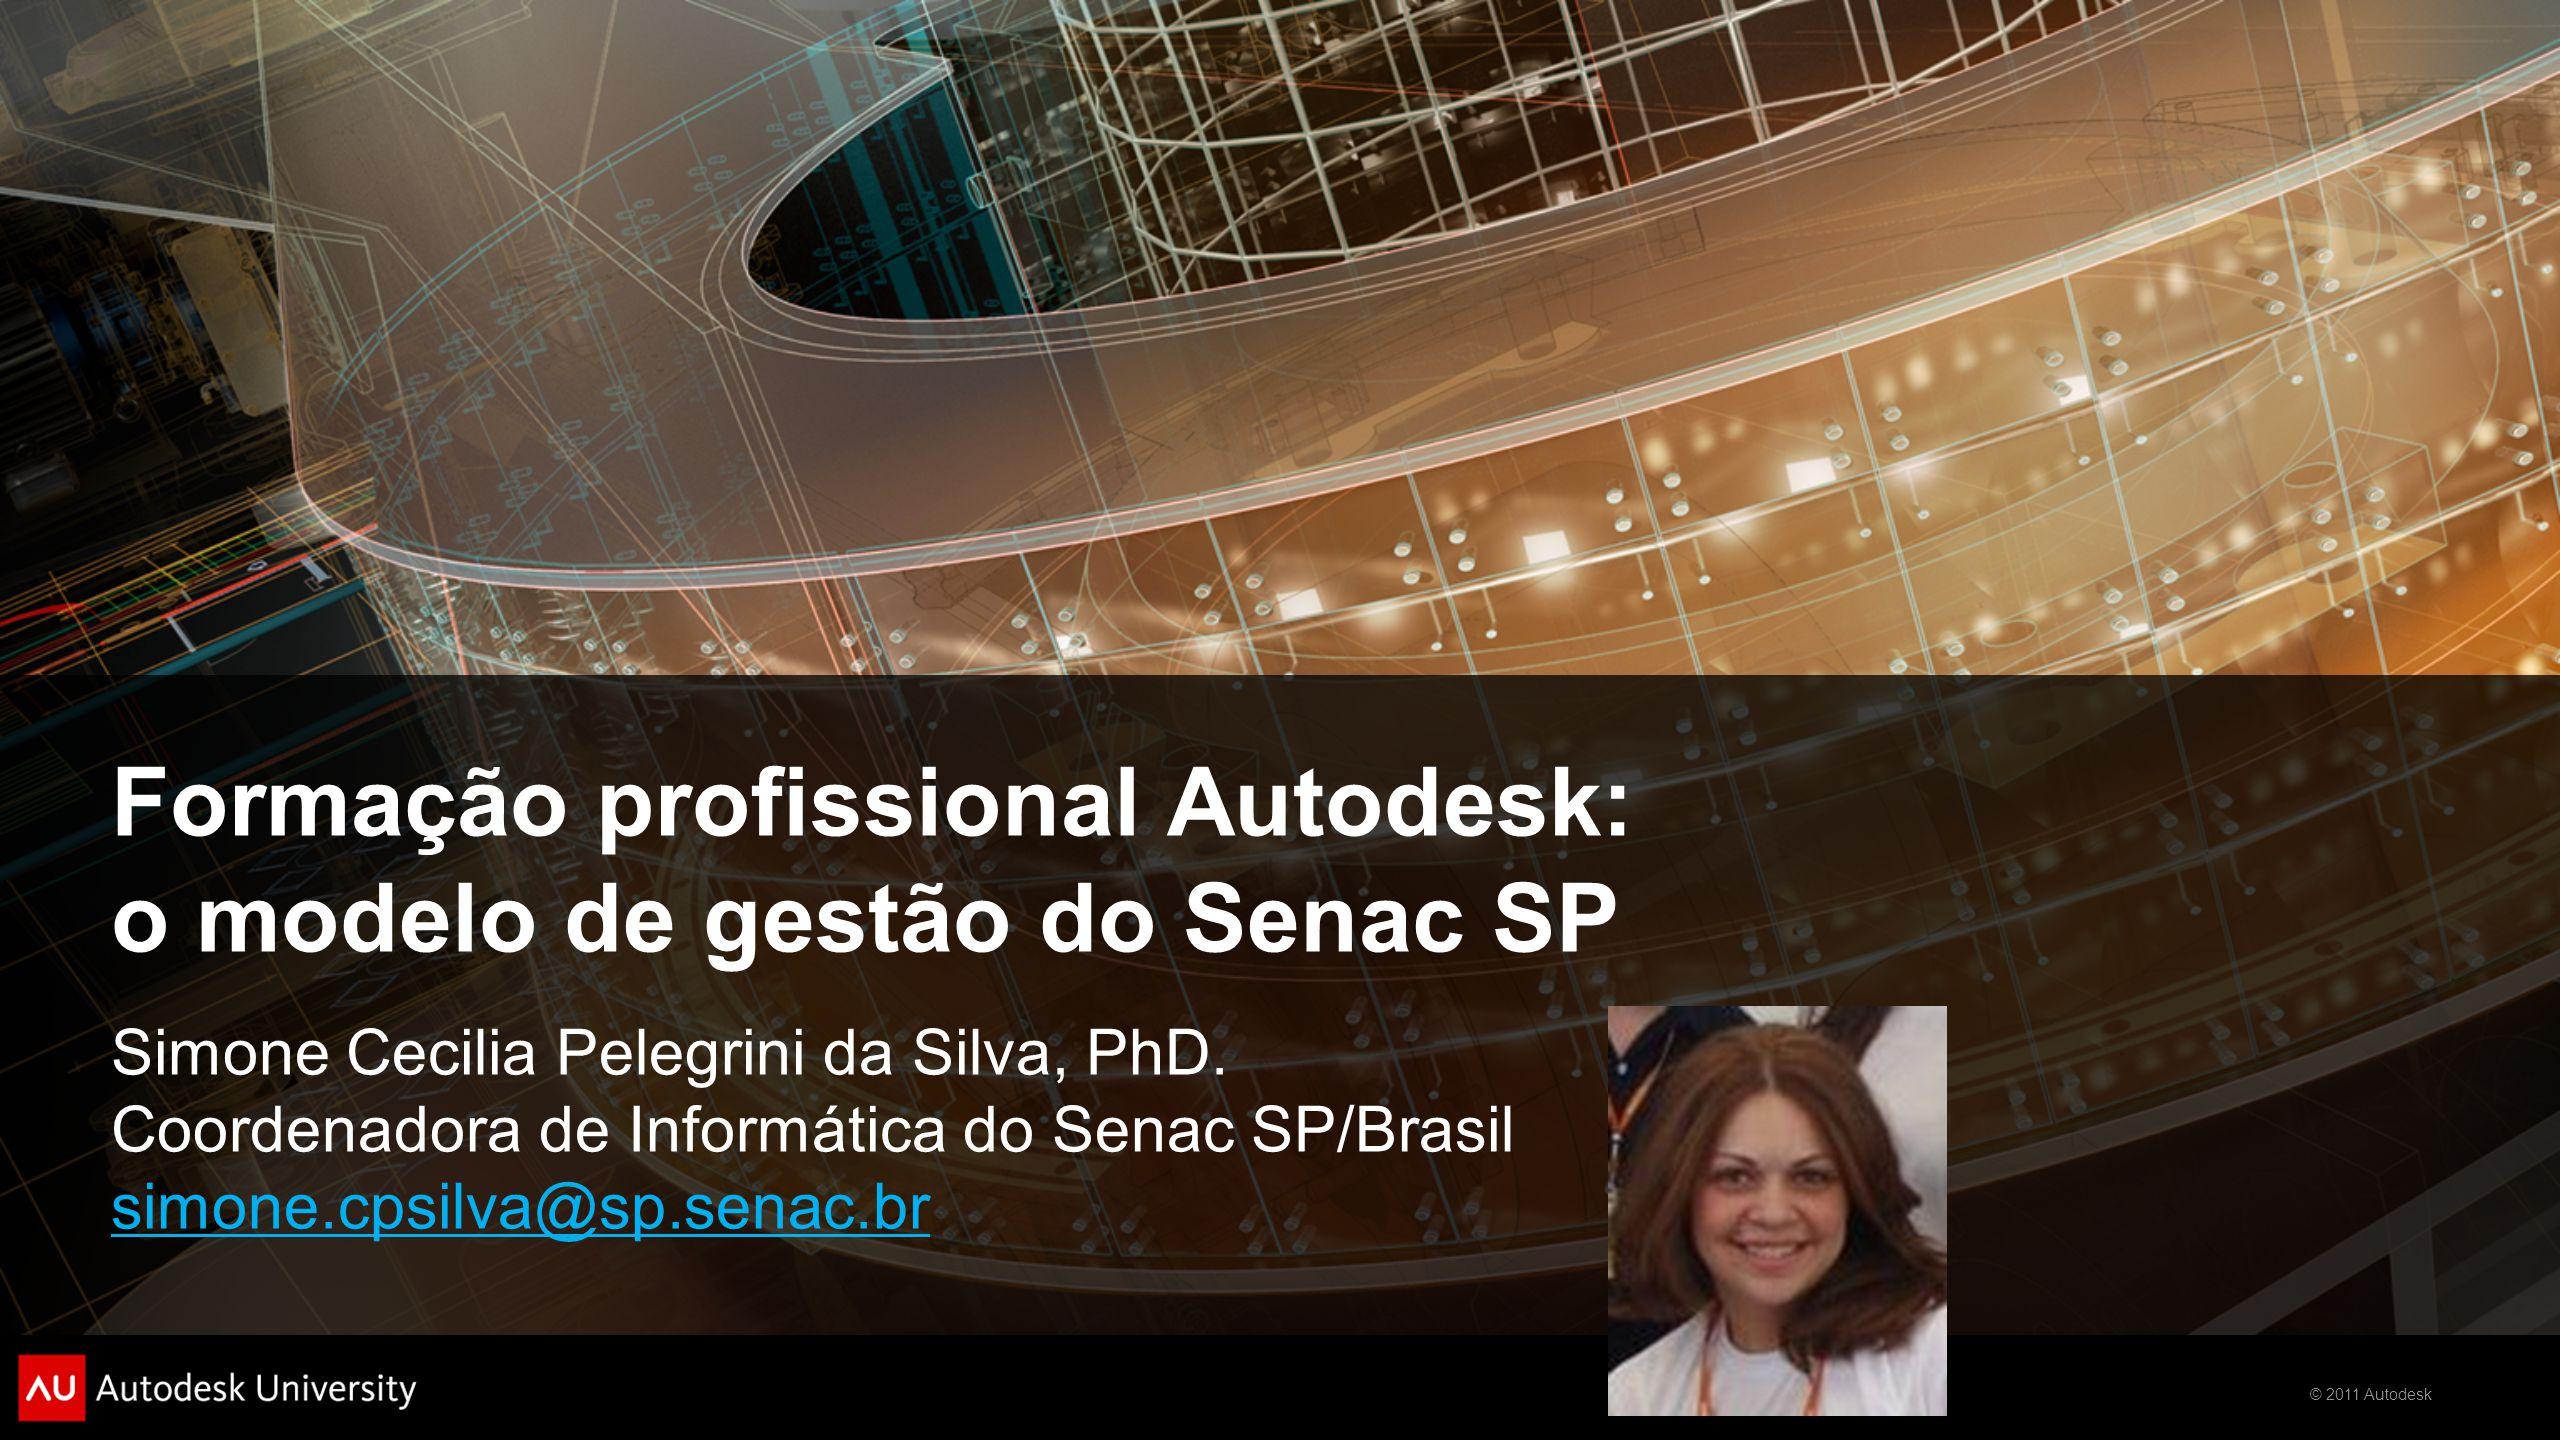 © 2011 Autodesk Formação profissional Autodesk: o modelo de gestão do Senac SP Simone Cecilia Pelegrini da Silva, PhD.